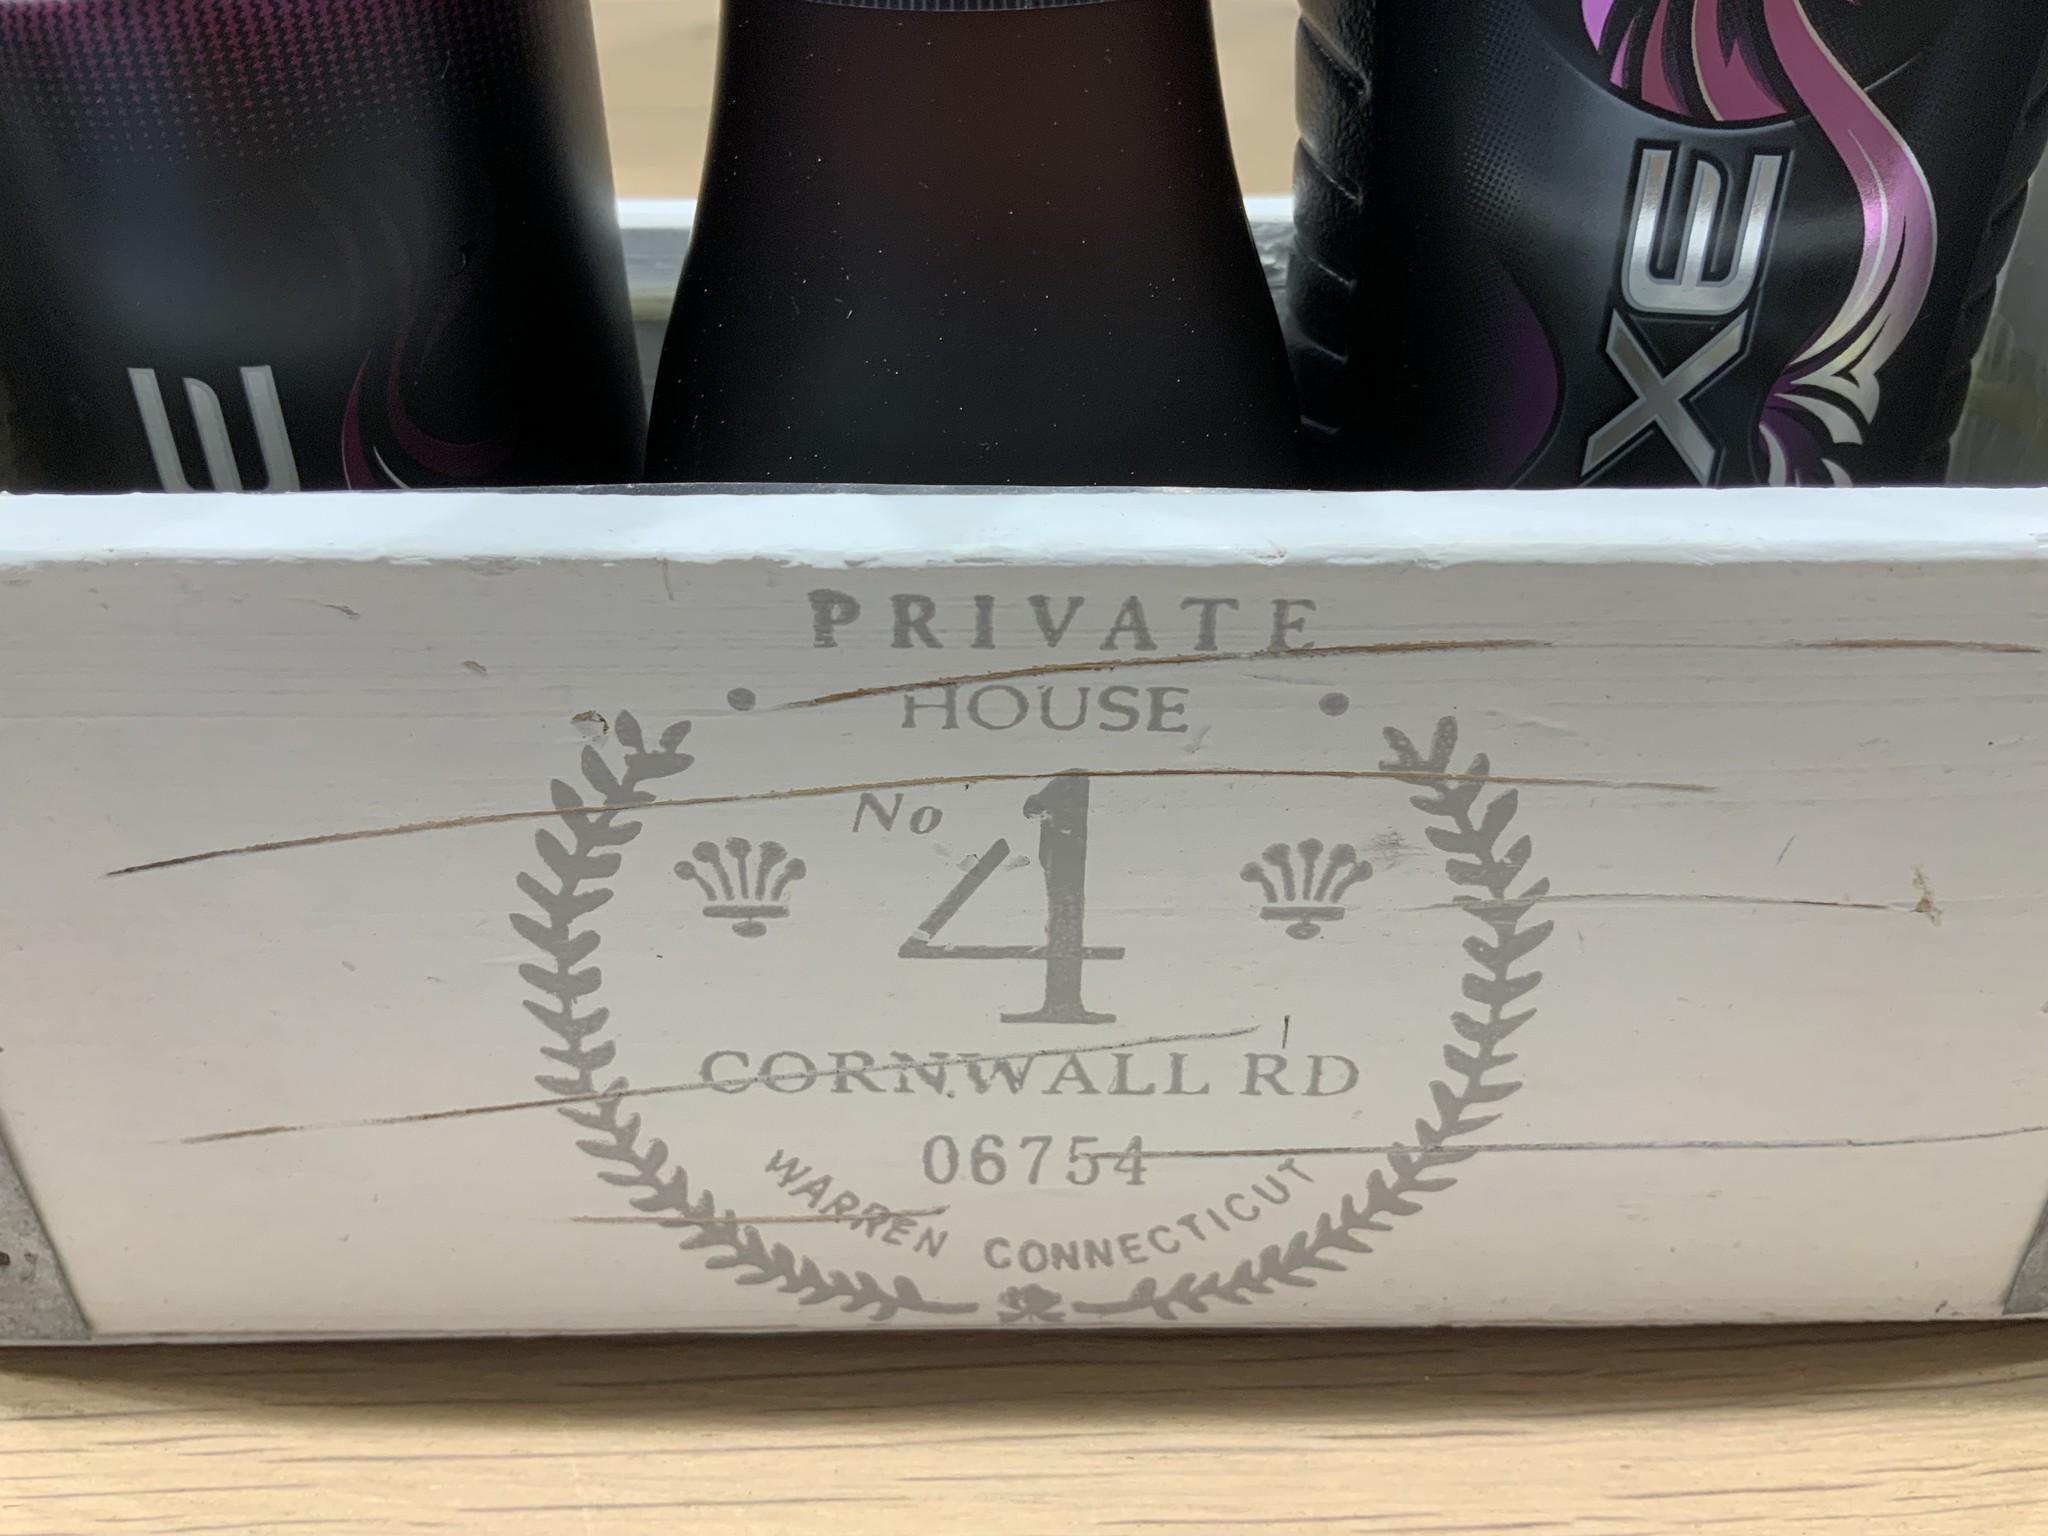 Verjaardagscadeautje man PRIVATE